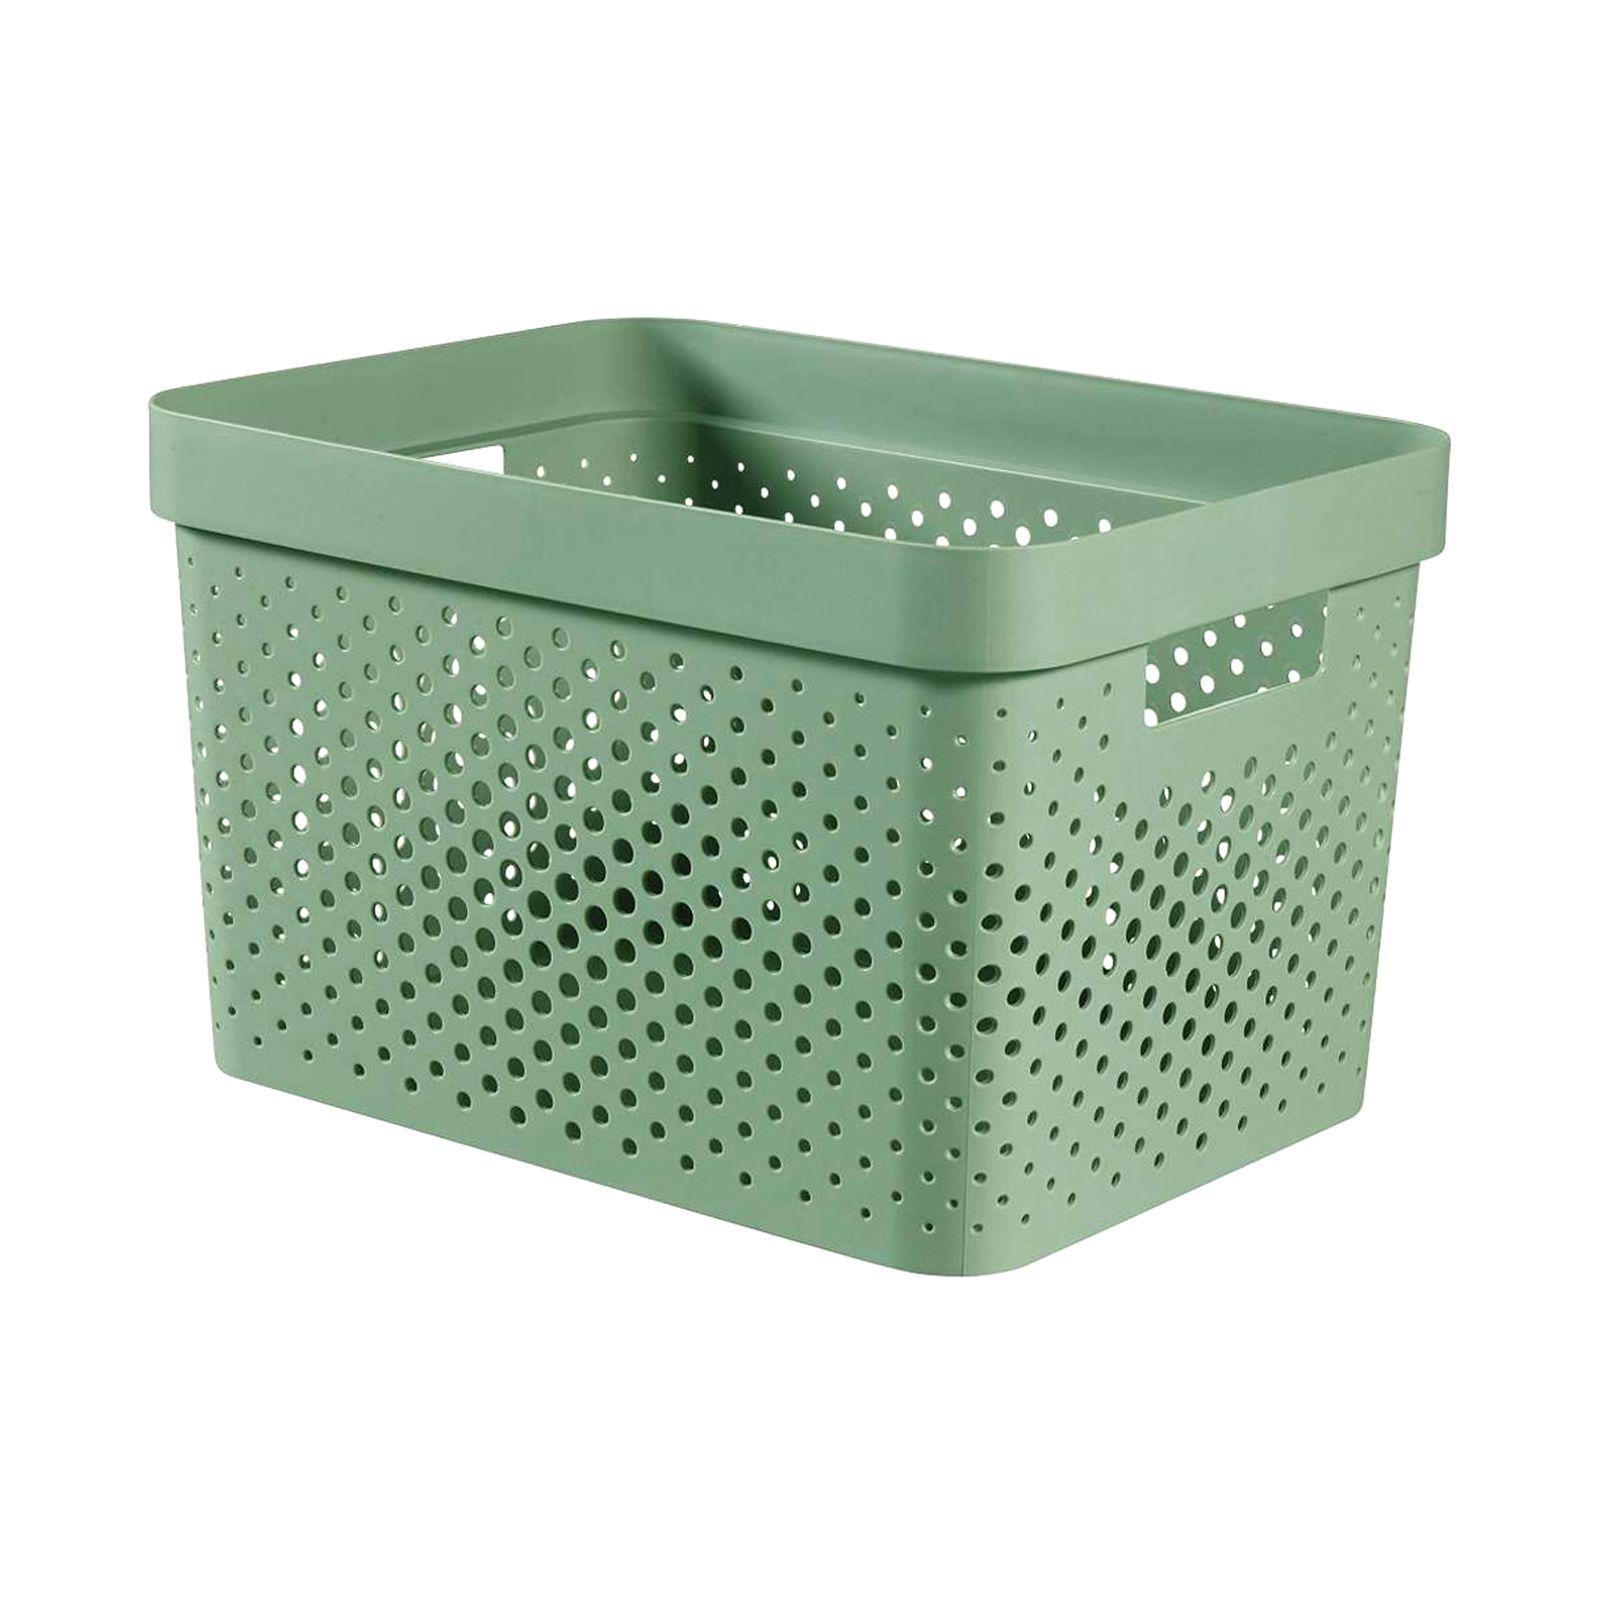 Pojemnik ażurowy 17 L Infinity 100% Recykling Eko zielony CURVER